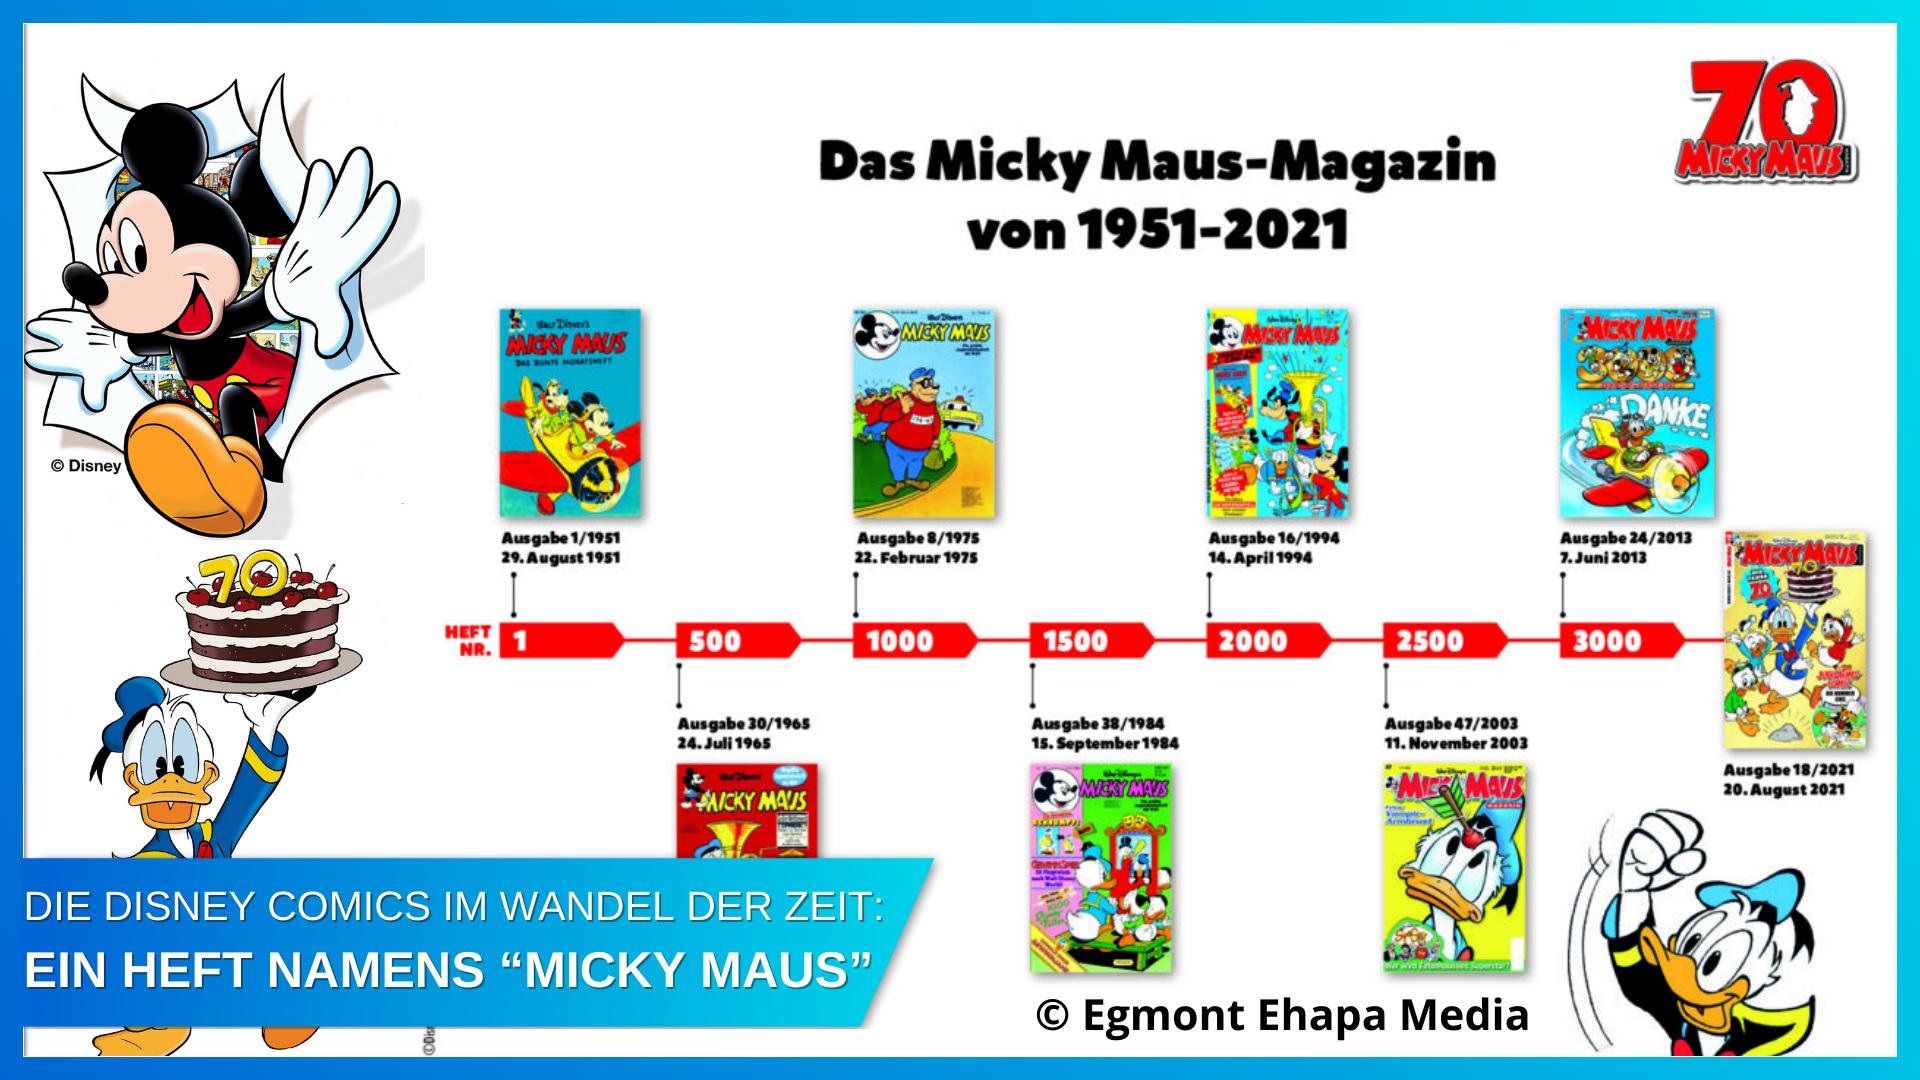 Coverbild Blogbeitrag 70 Jahre MMM edit